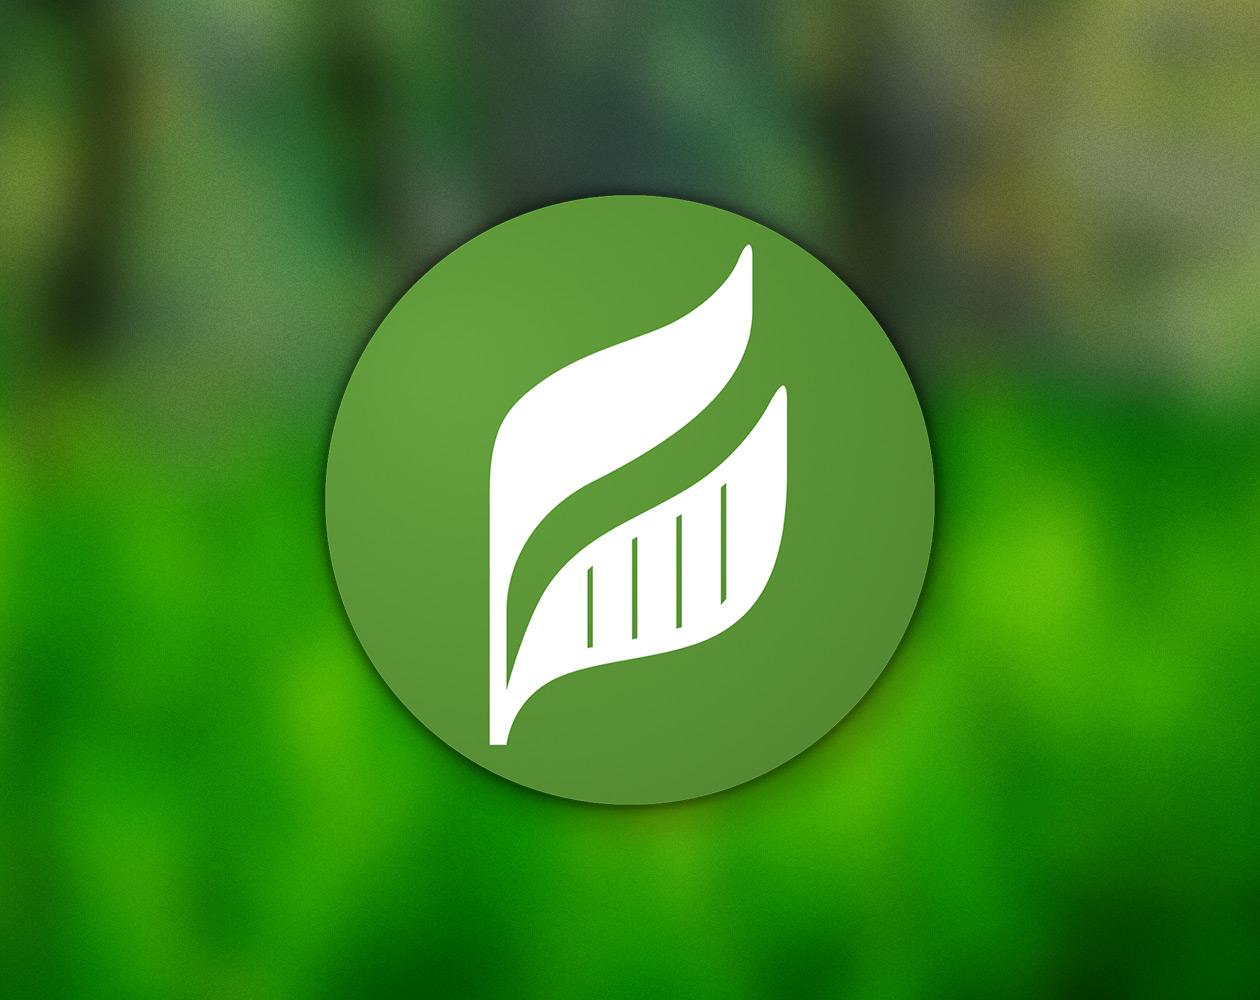 Leafnote для OS X: удобное и минималистичное приложение для заметок